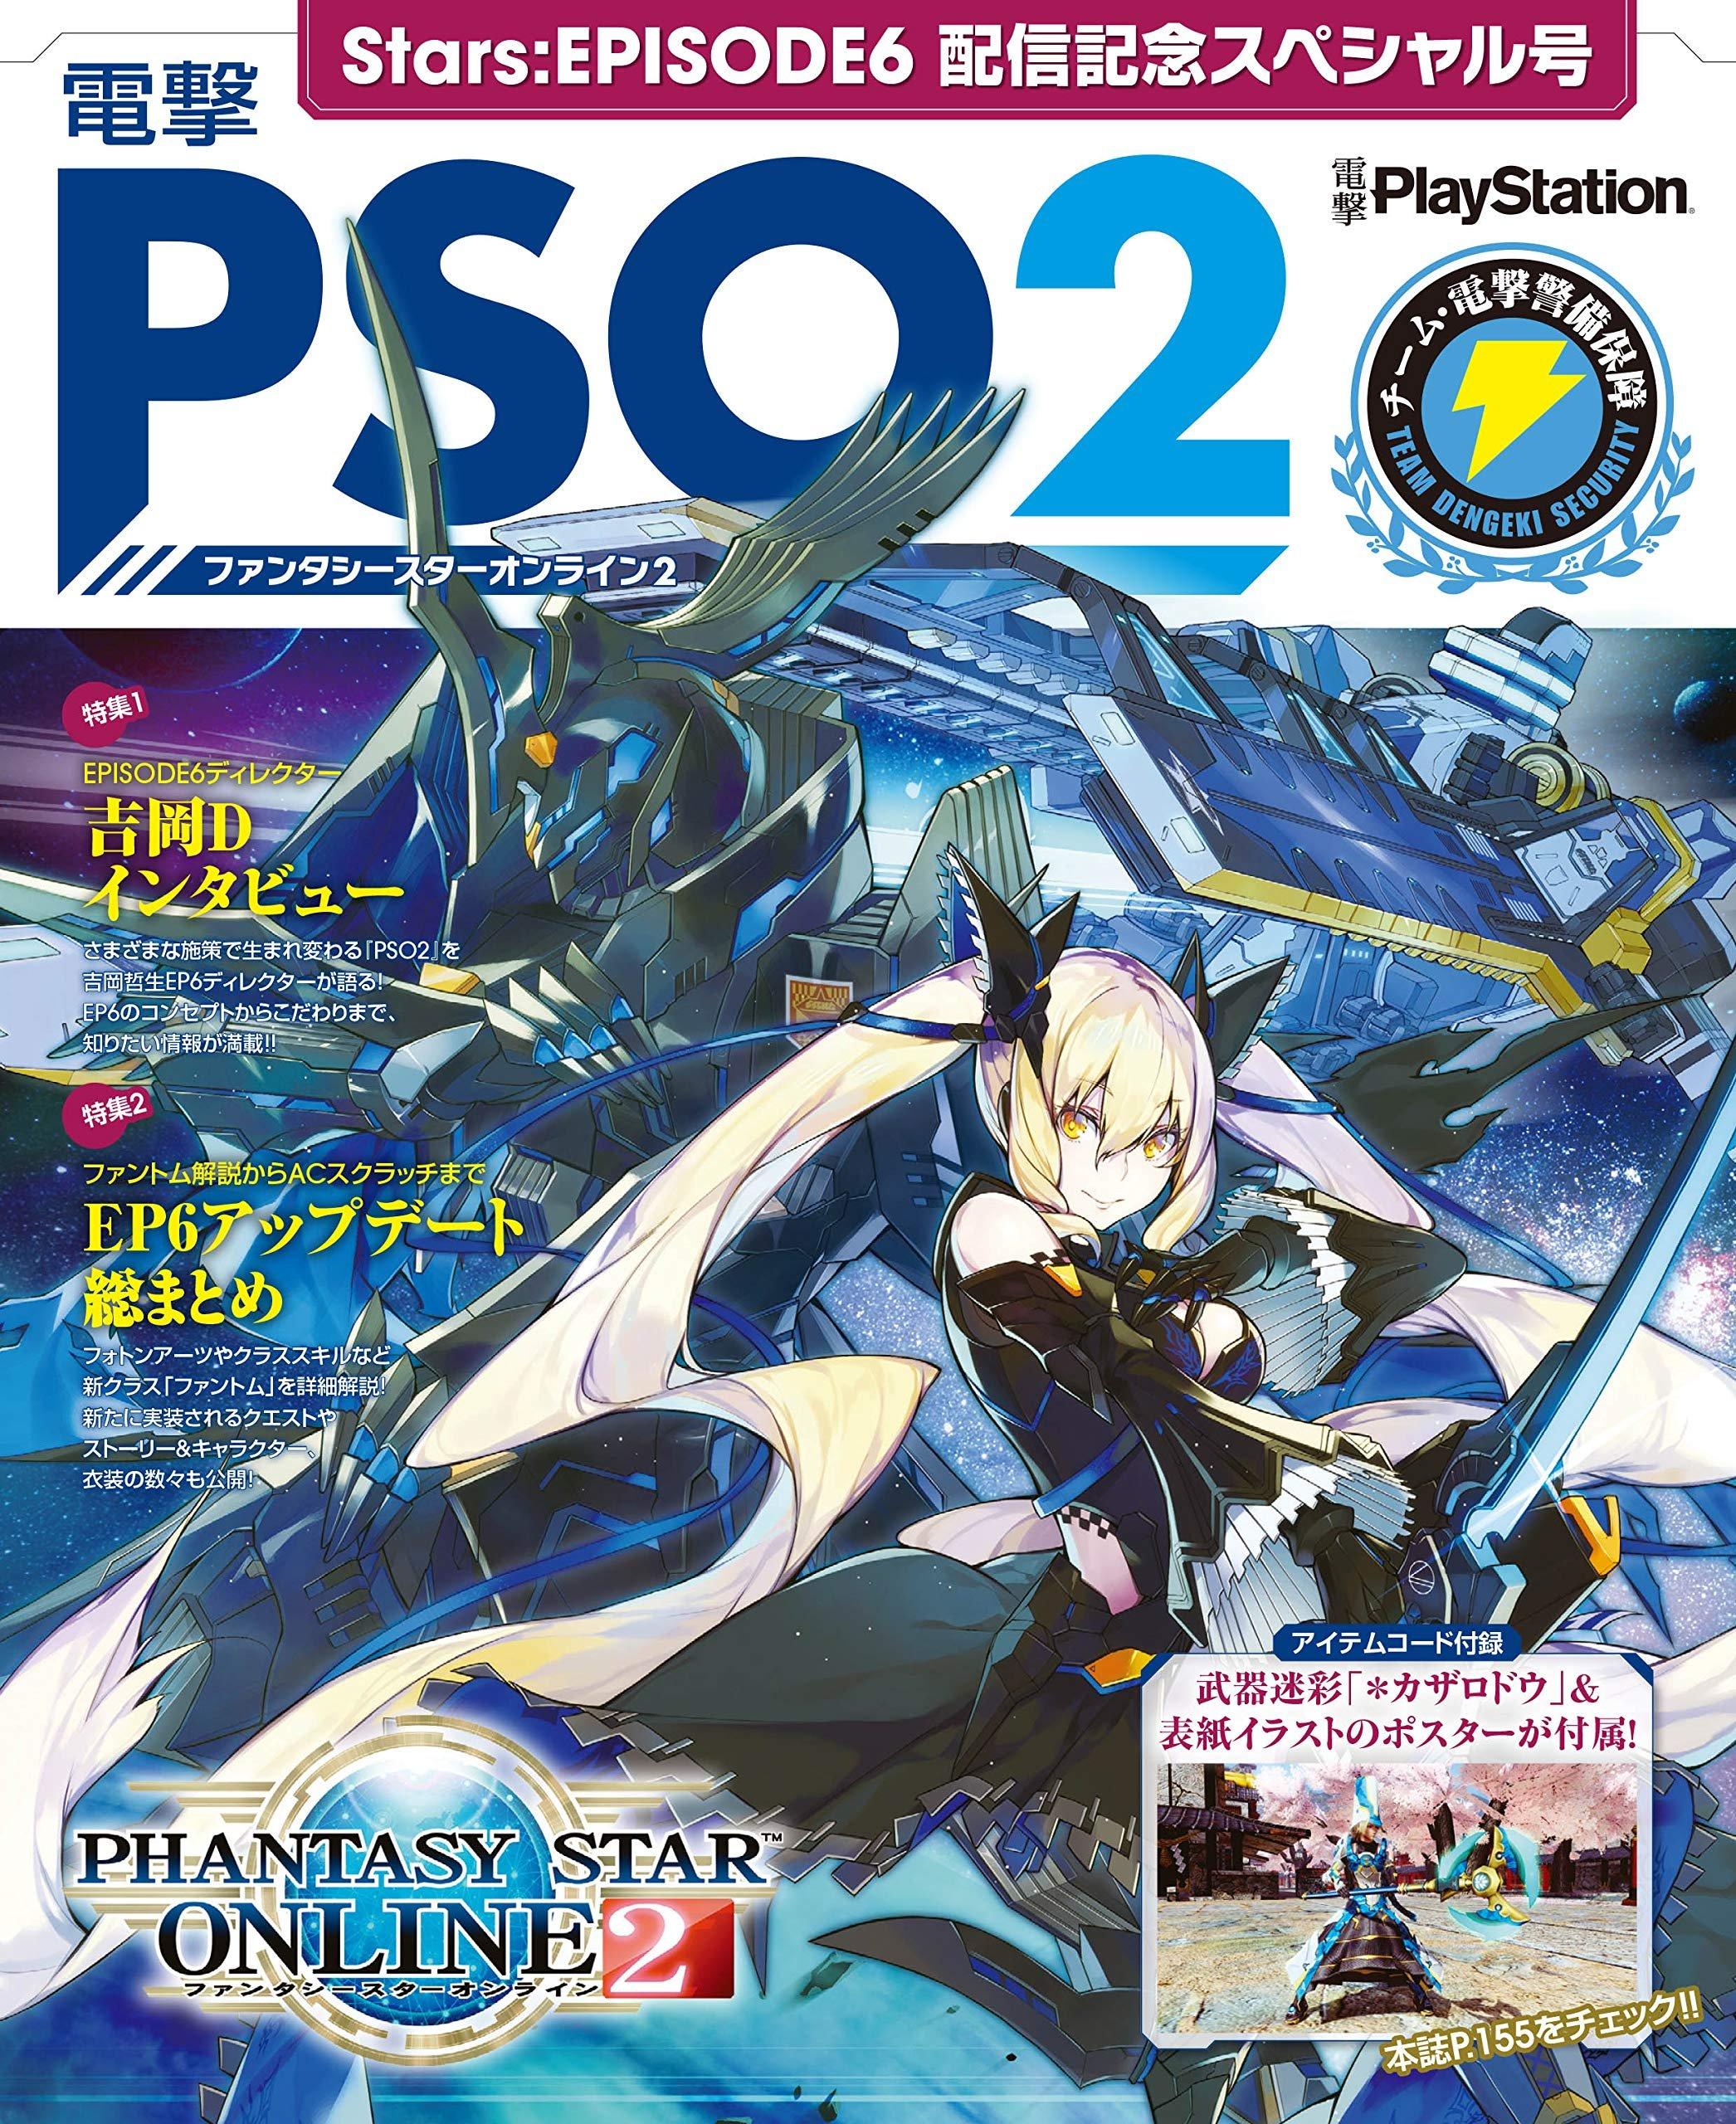 Dengeki PSO2 Stars Episode 6 Haishin Kinen Sepcial (Vol.675 supplement) (June 2019)